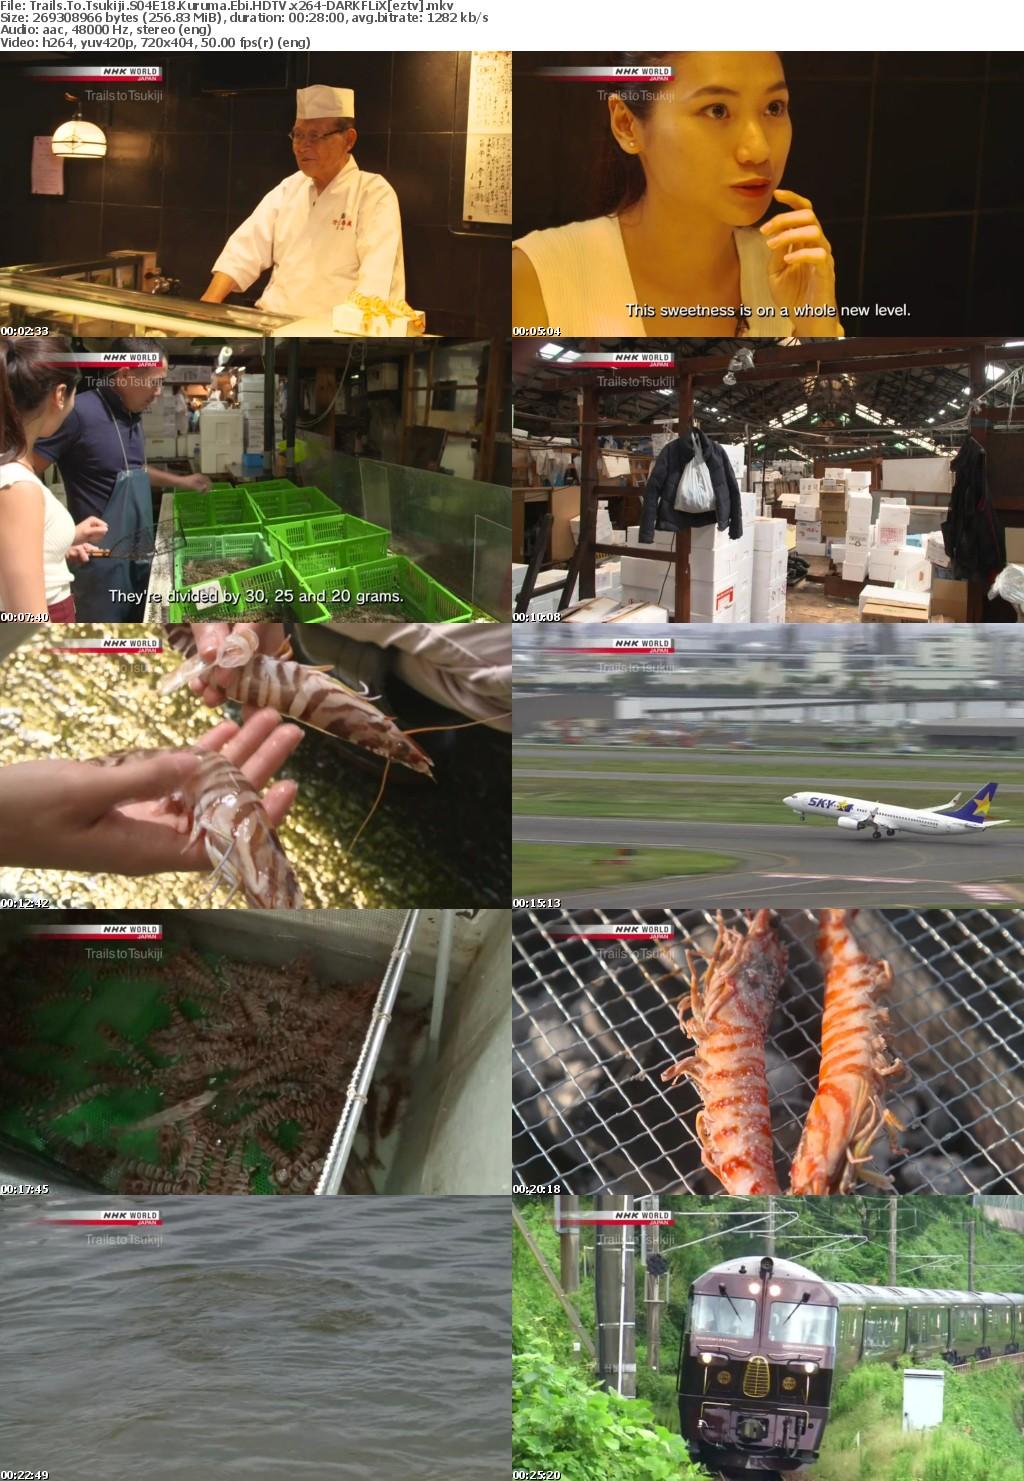 Trails To Tsukiji S04E18 Kuruma Ebi HDTV x264-DARKFLiX